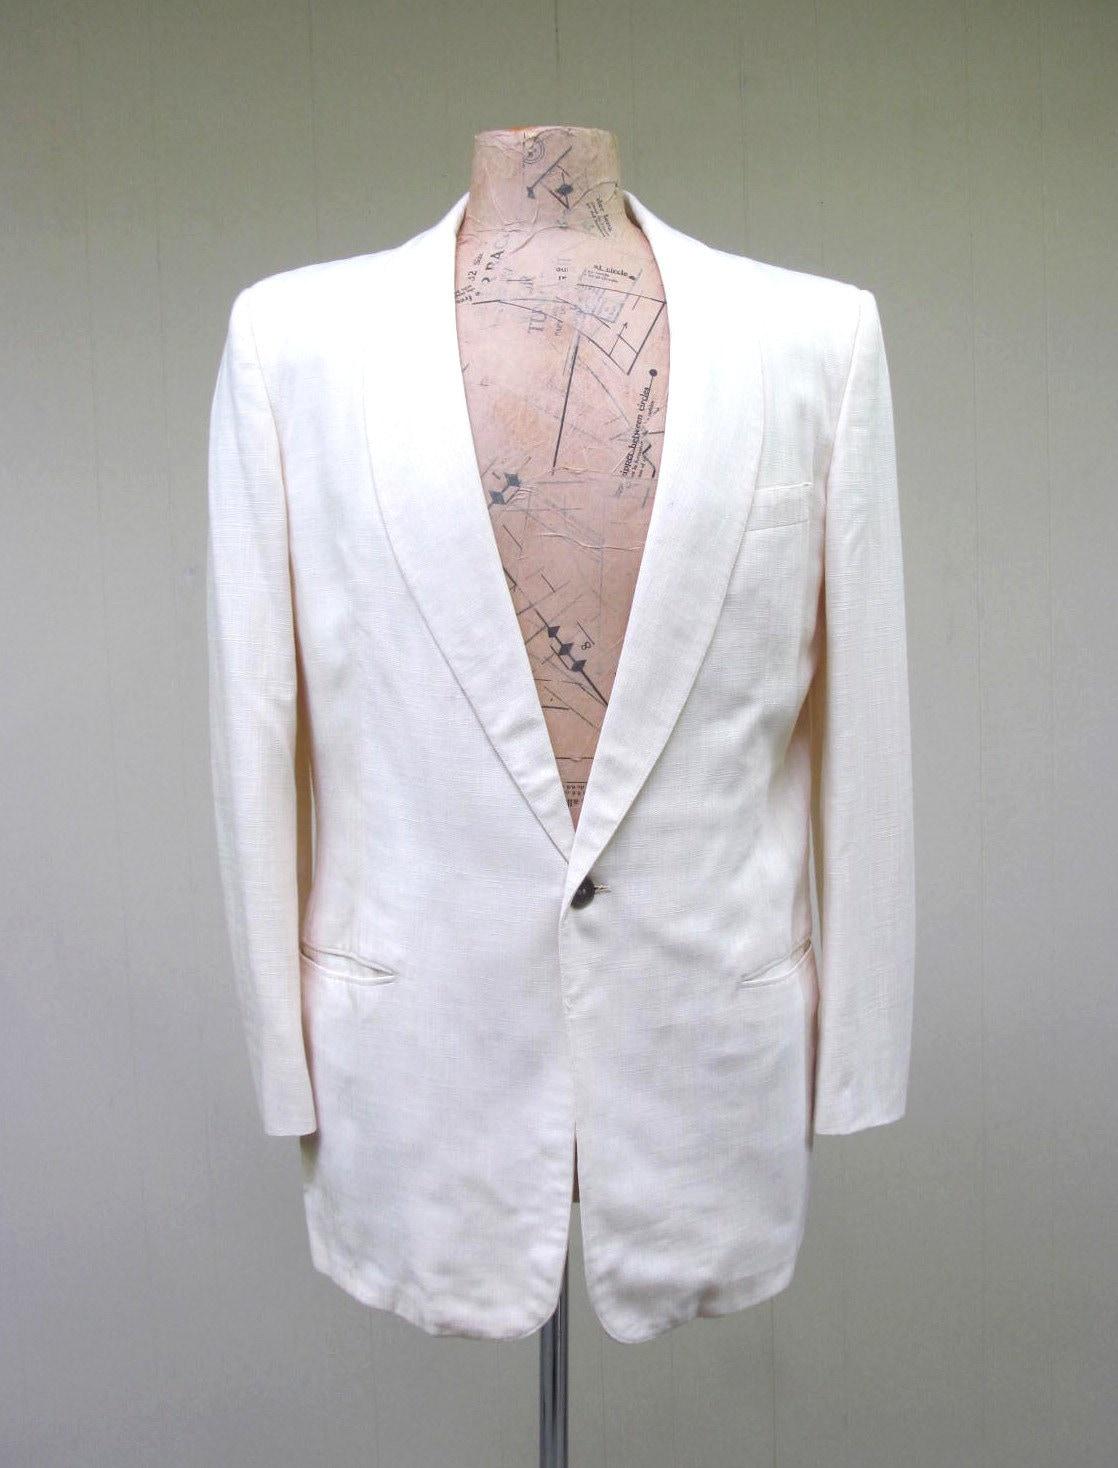 ab52d6dcb067d Vintage 1960s Dinner Jacket 60s Ivory Linen Blend After Six